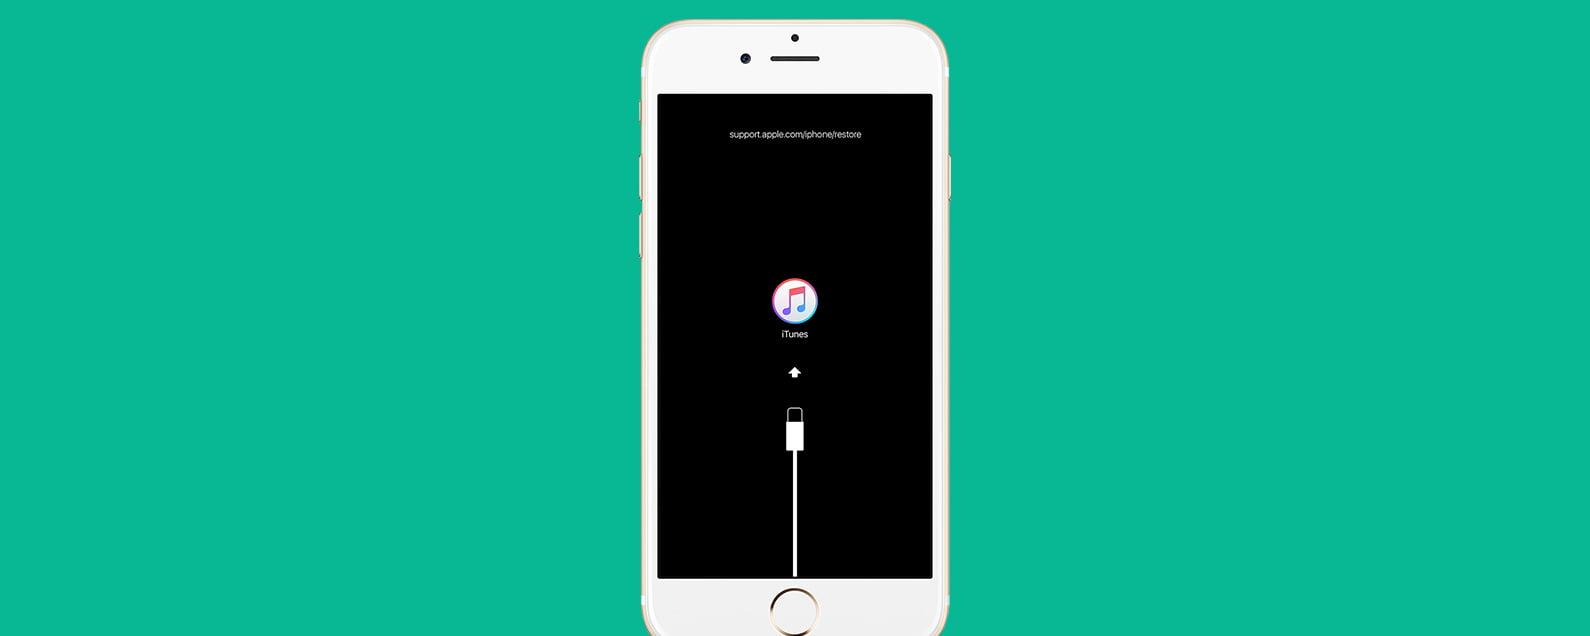 ¿Cómo desbloquear un iPhone desactivado?